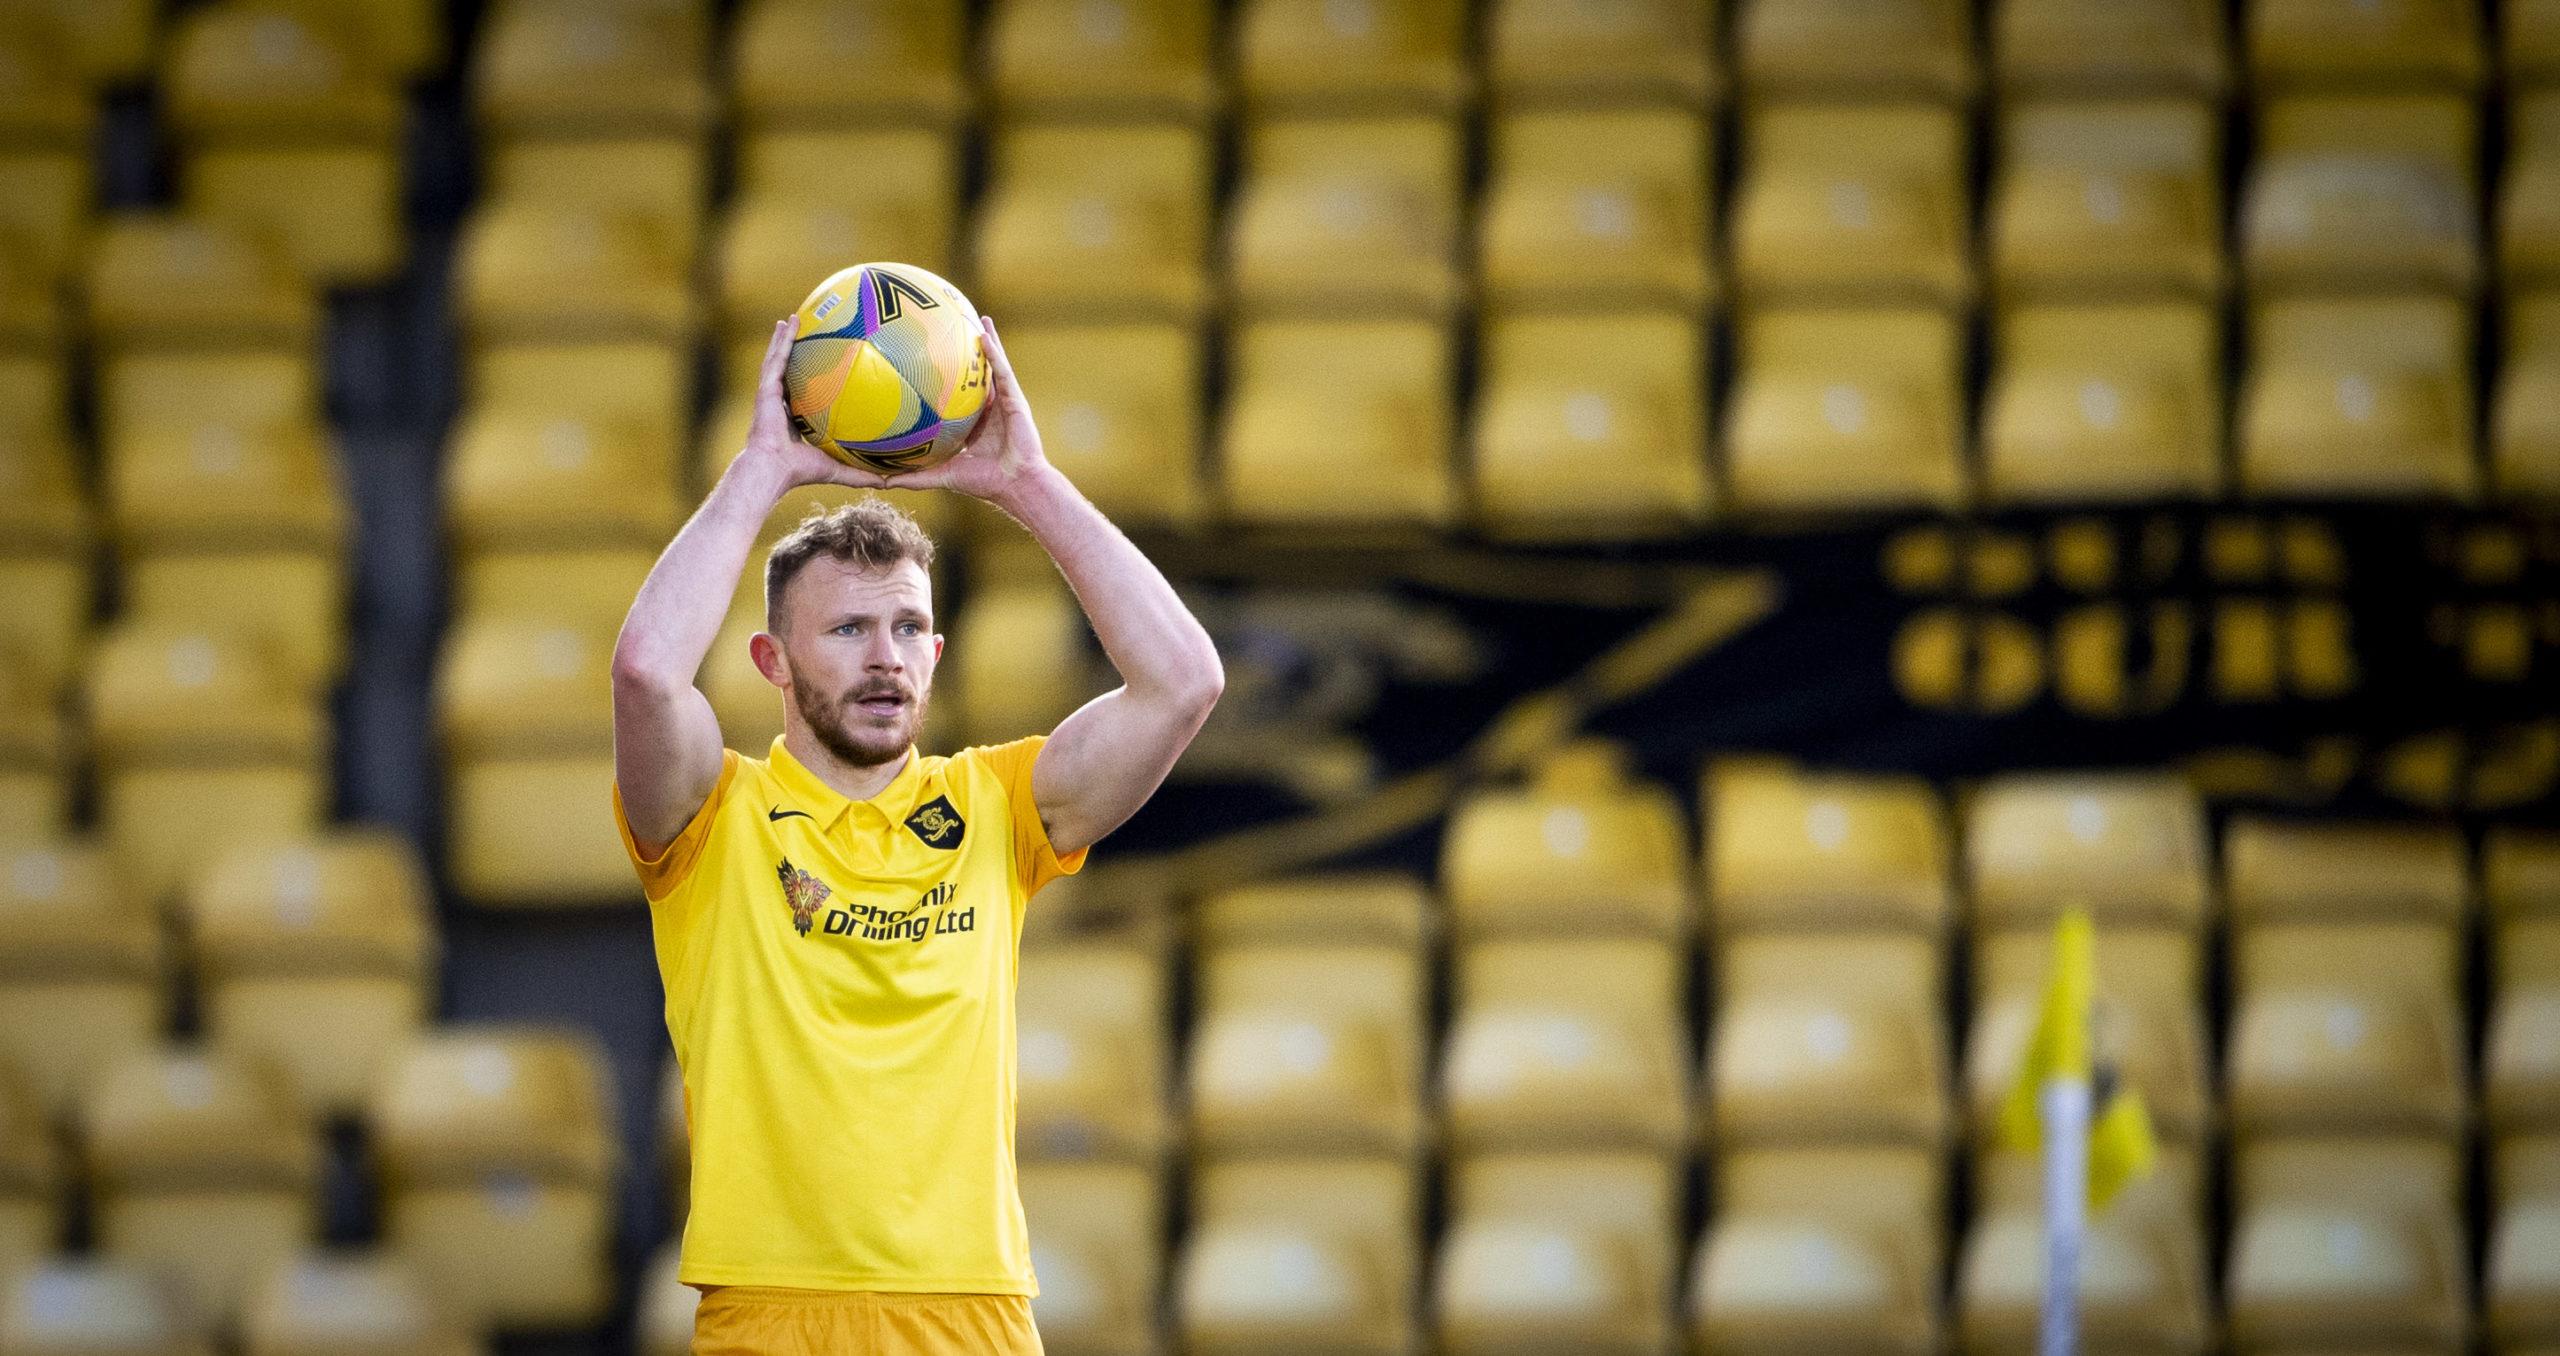 Nicky Devlin in action for Livingston